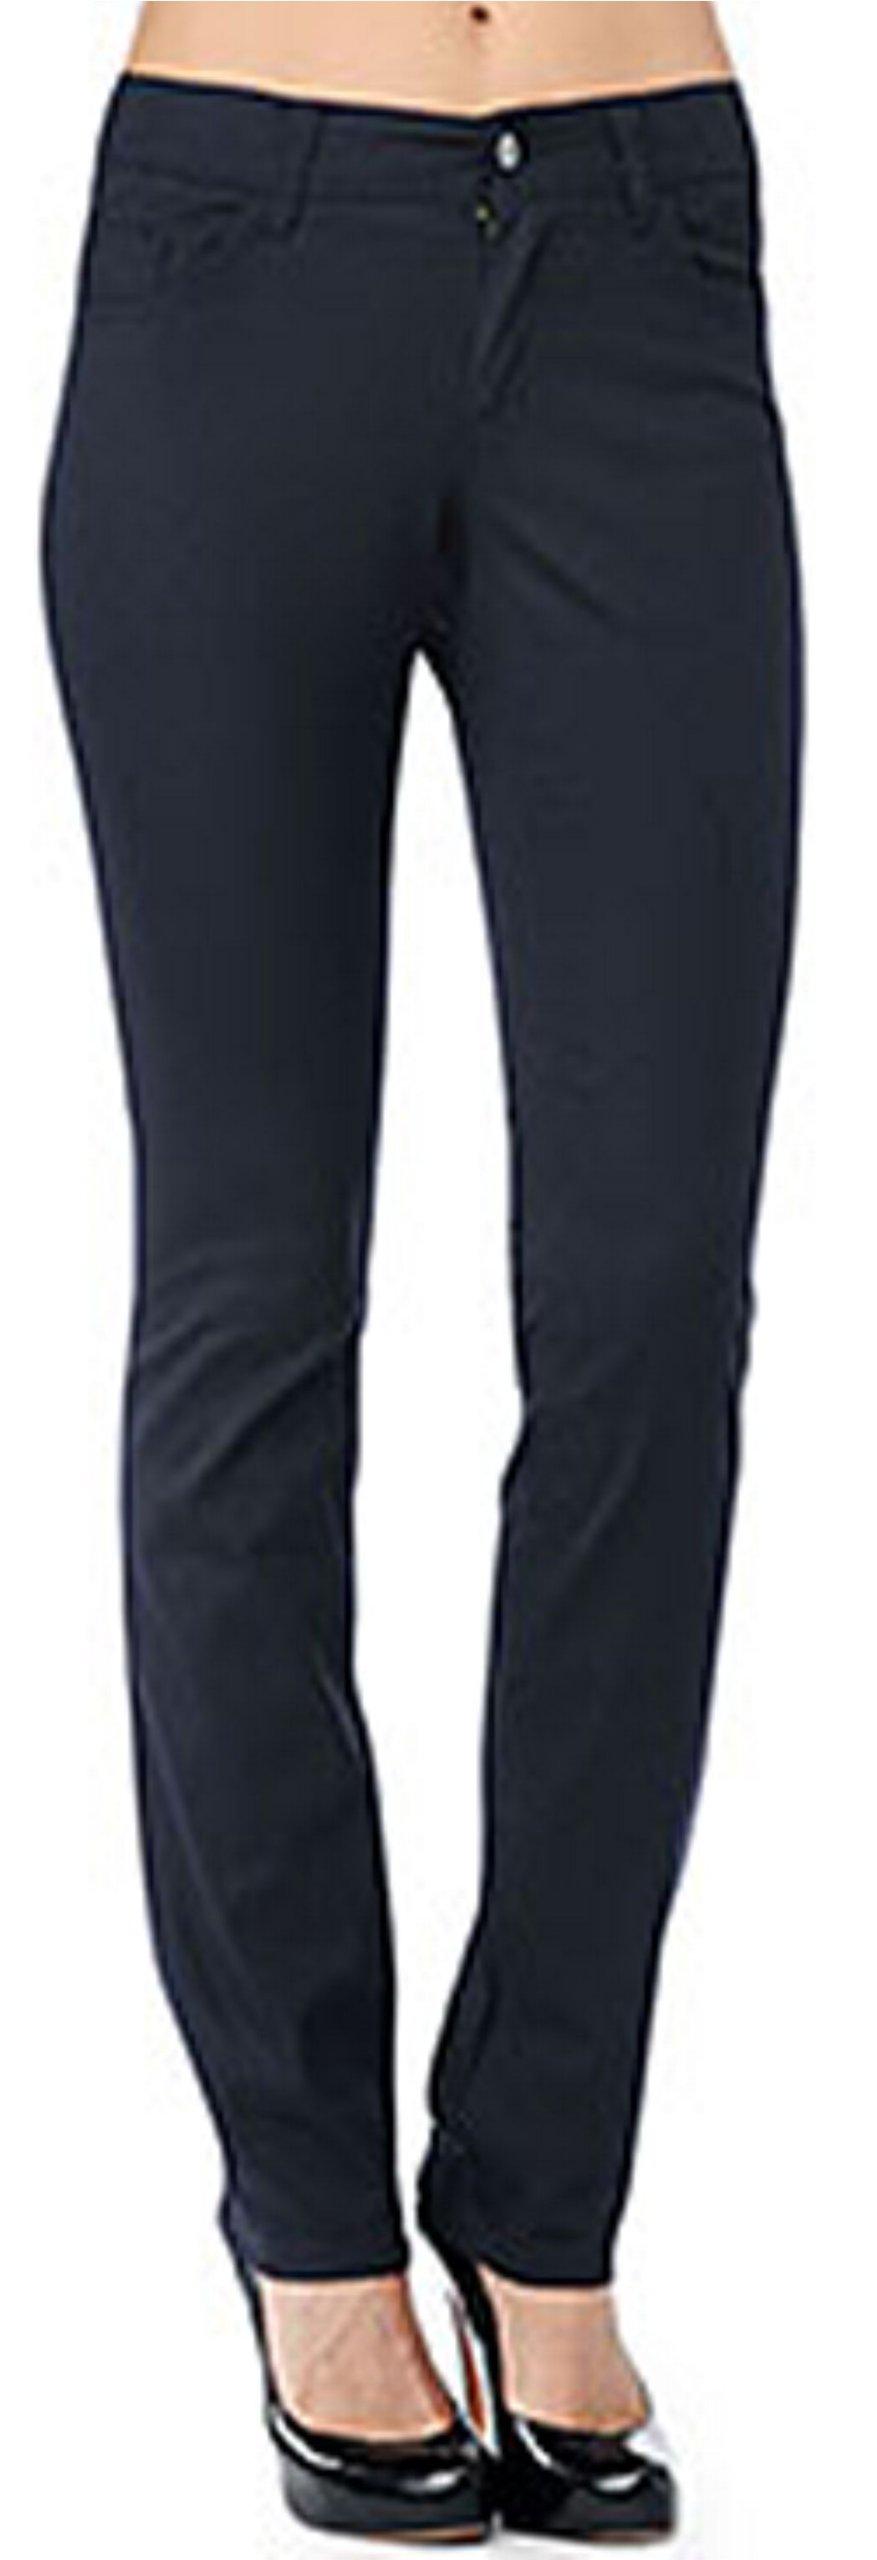 Dickies Girl Junior's Classic 5 Pocket Skinny Pant, Navy, 13